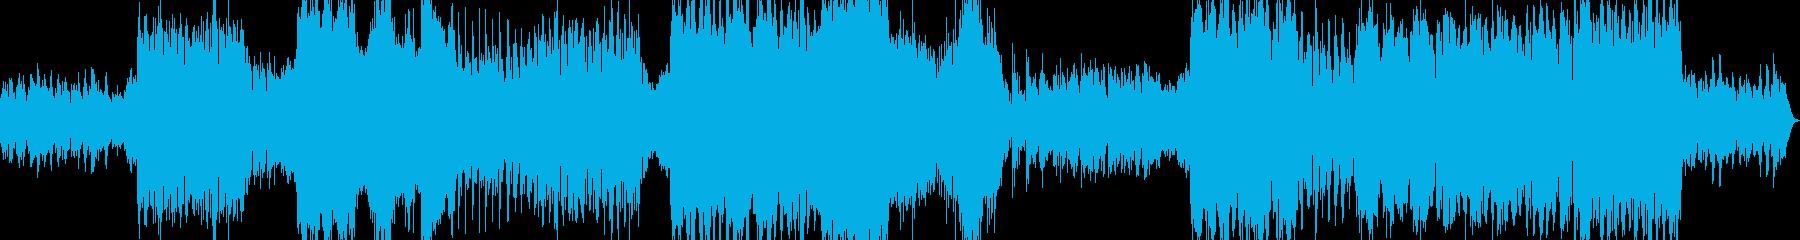 ホラーゴシック系のワルツの再生済みの波形